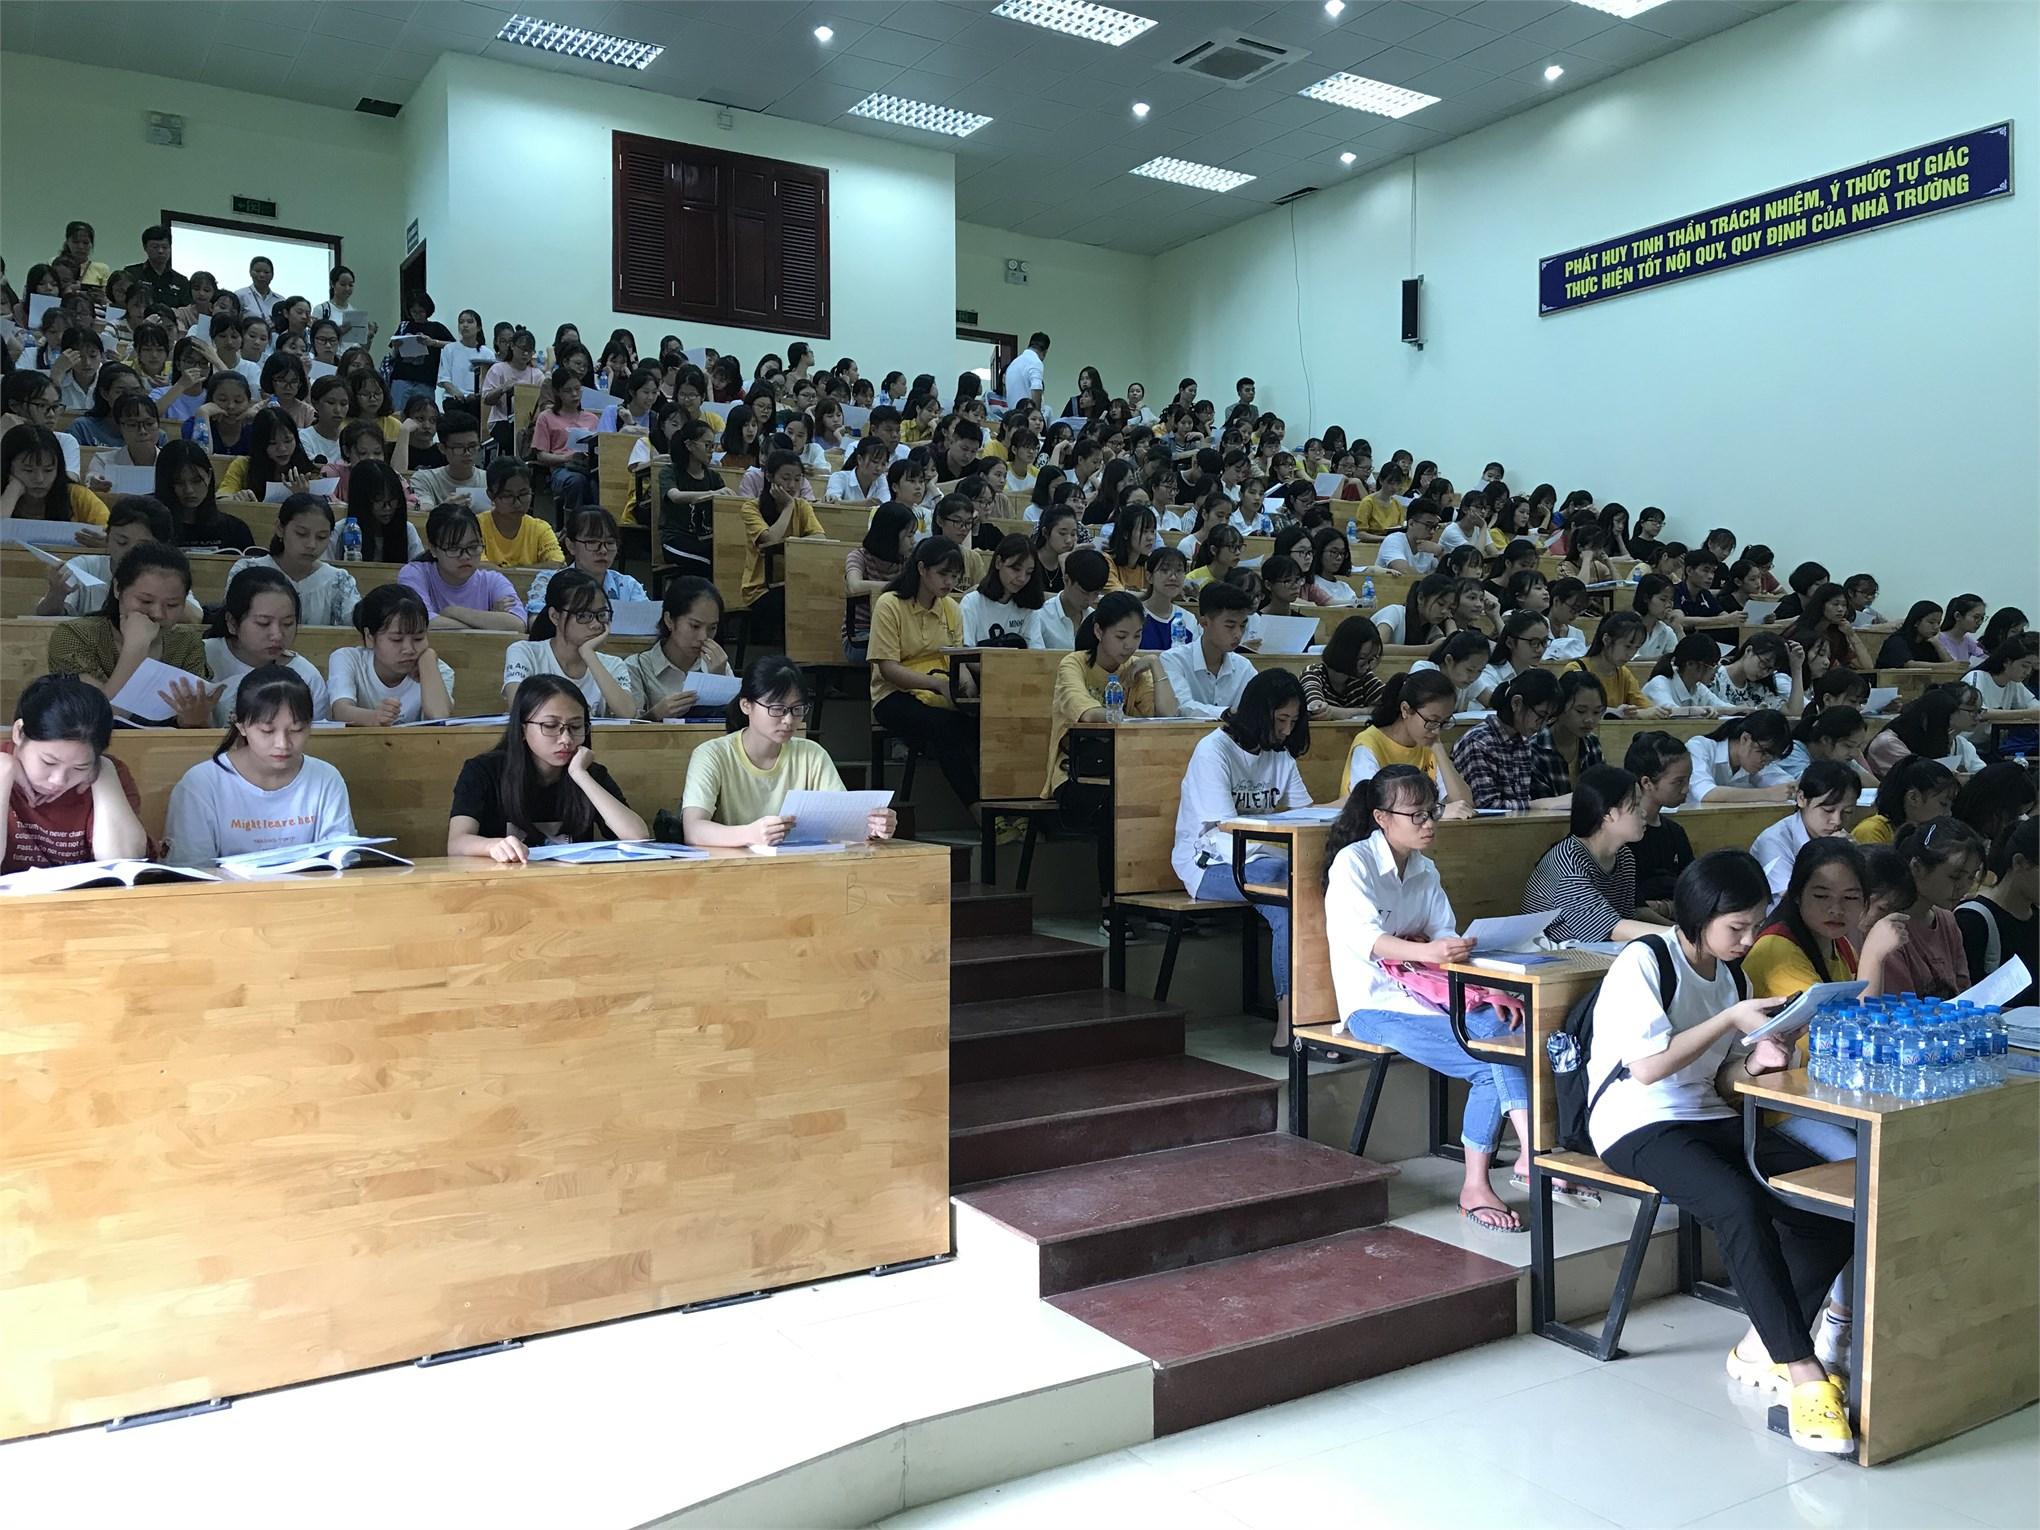 Chào đón sinh viên khóa 14 đến nhập học